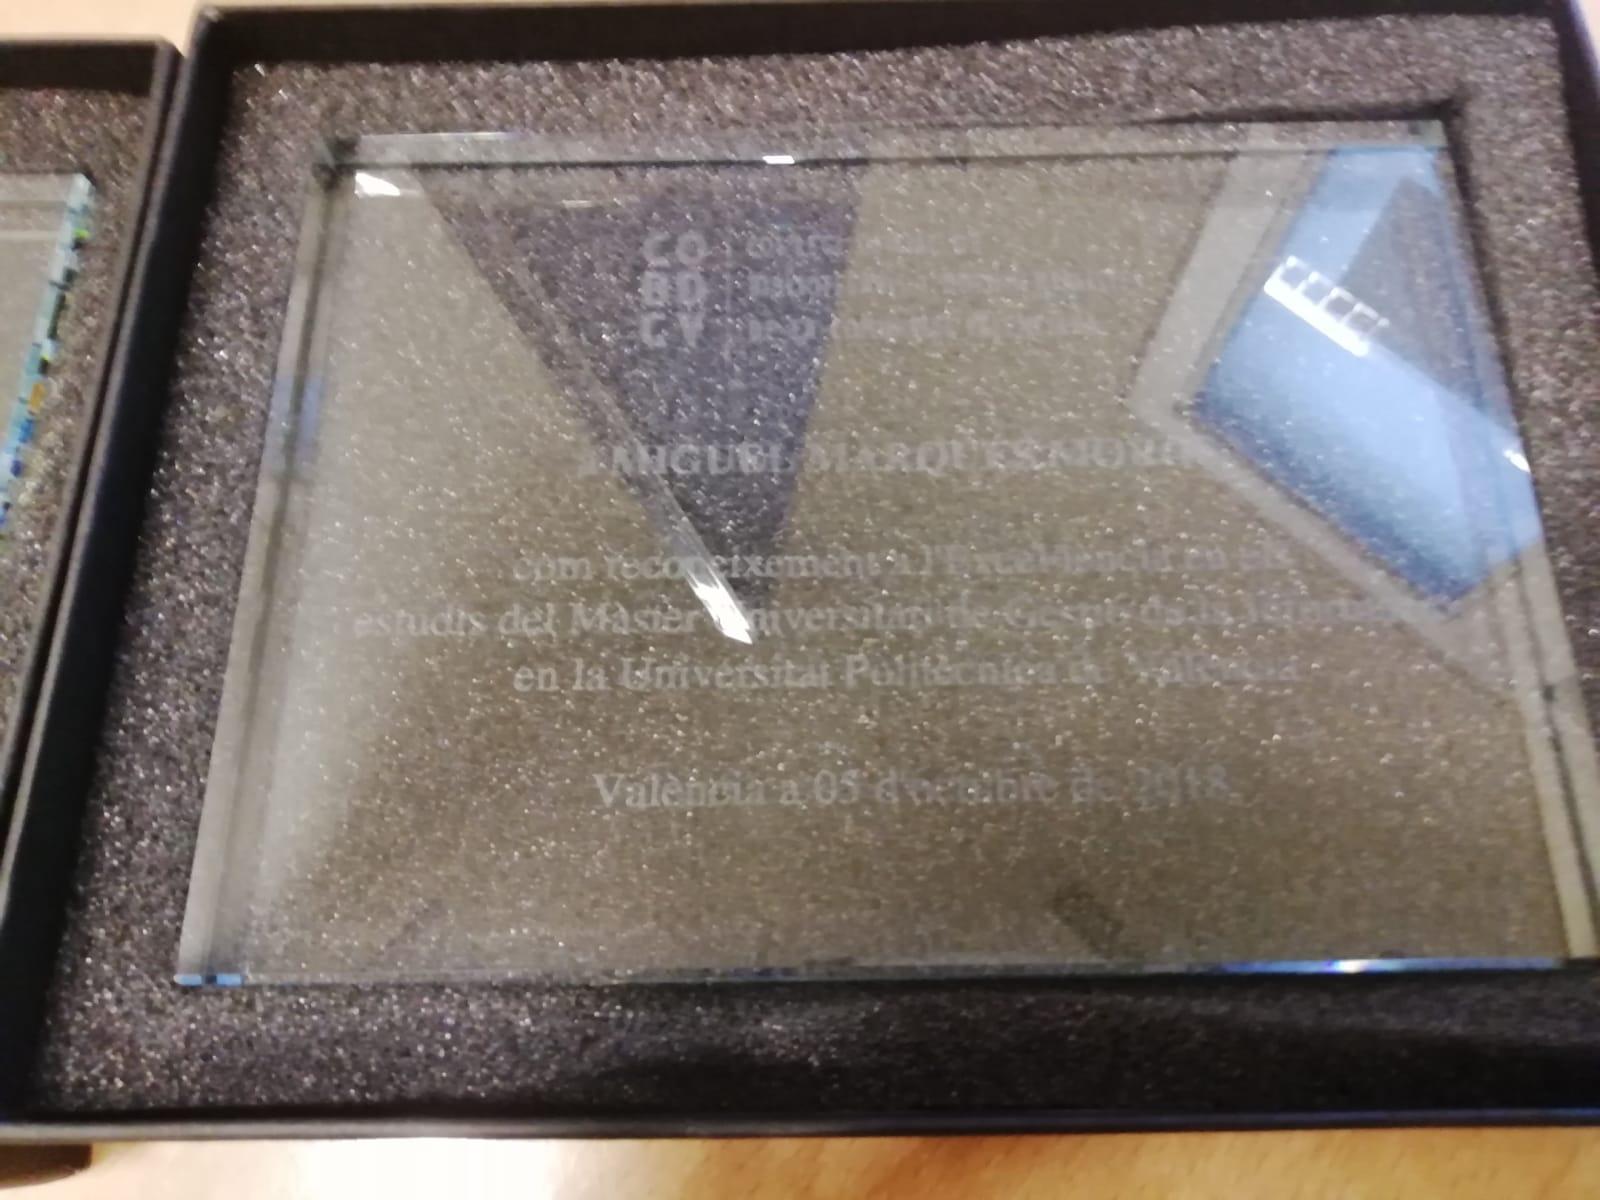 Col·legi de Bibliotecaris de la Comunitat Valenciana hace entrega de un cristal grabado en reconocimiento a sus Másters - Mario Torres  Artesania - Valencia